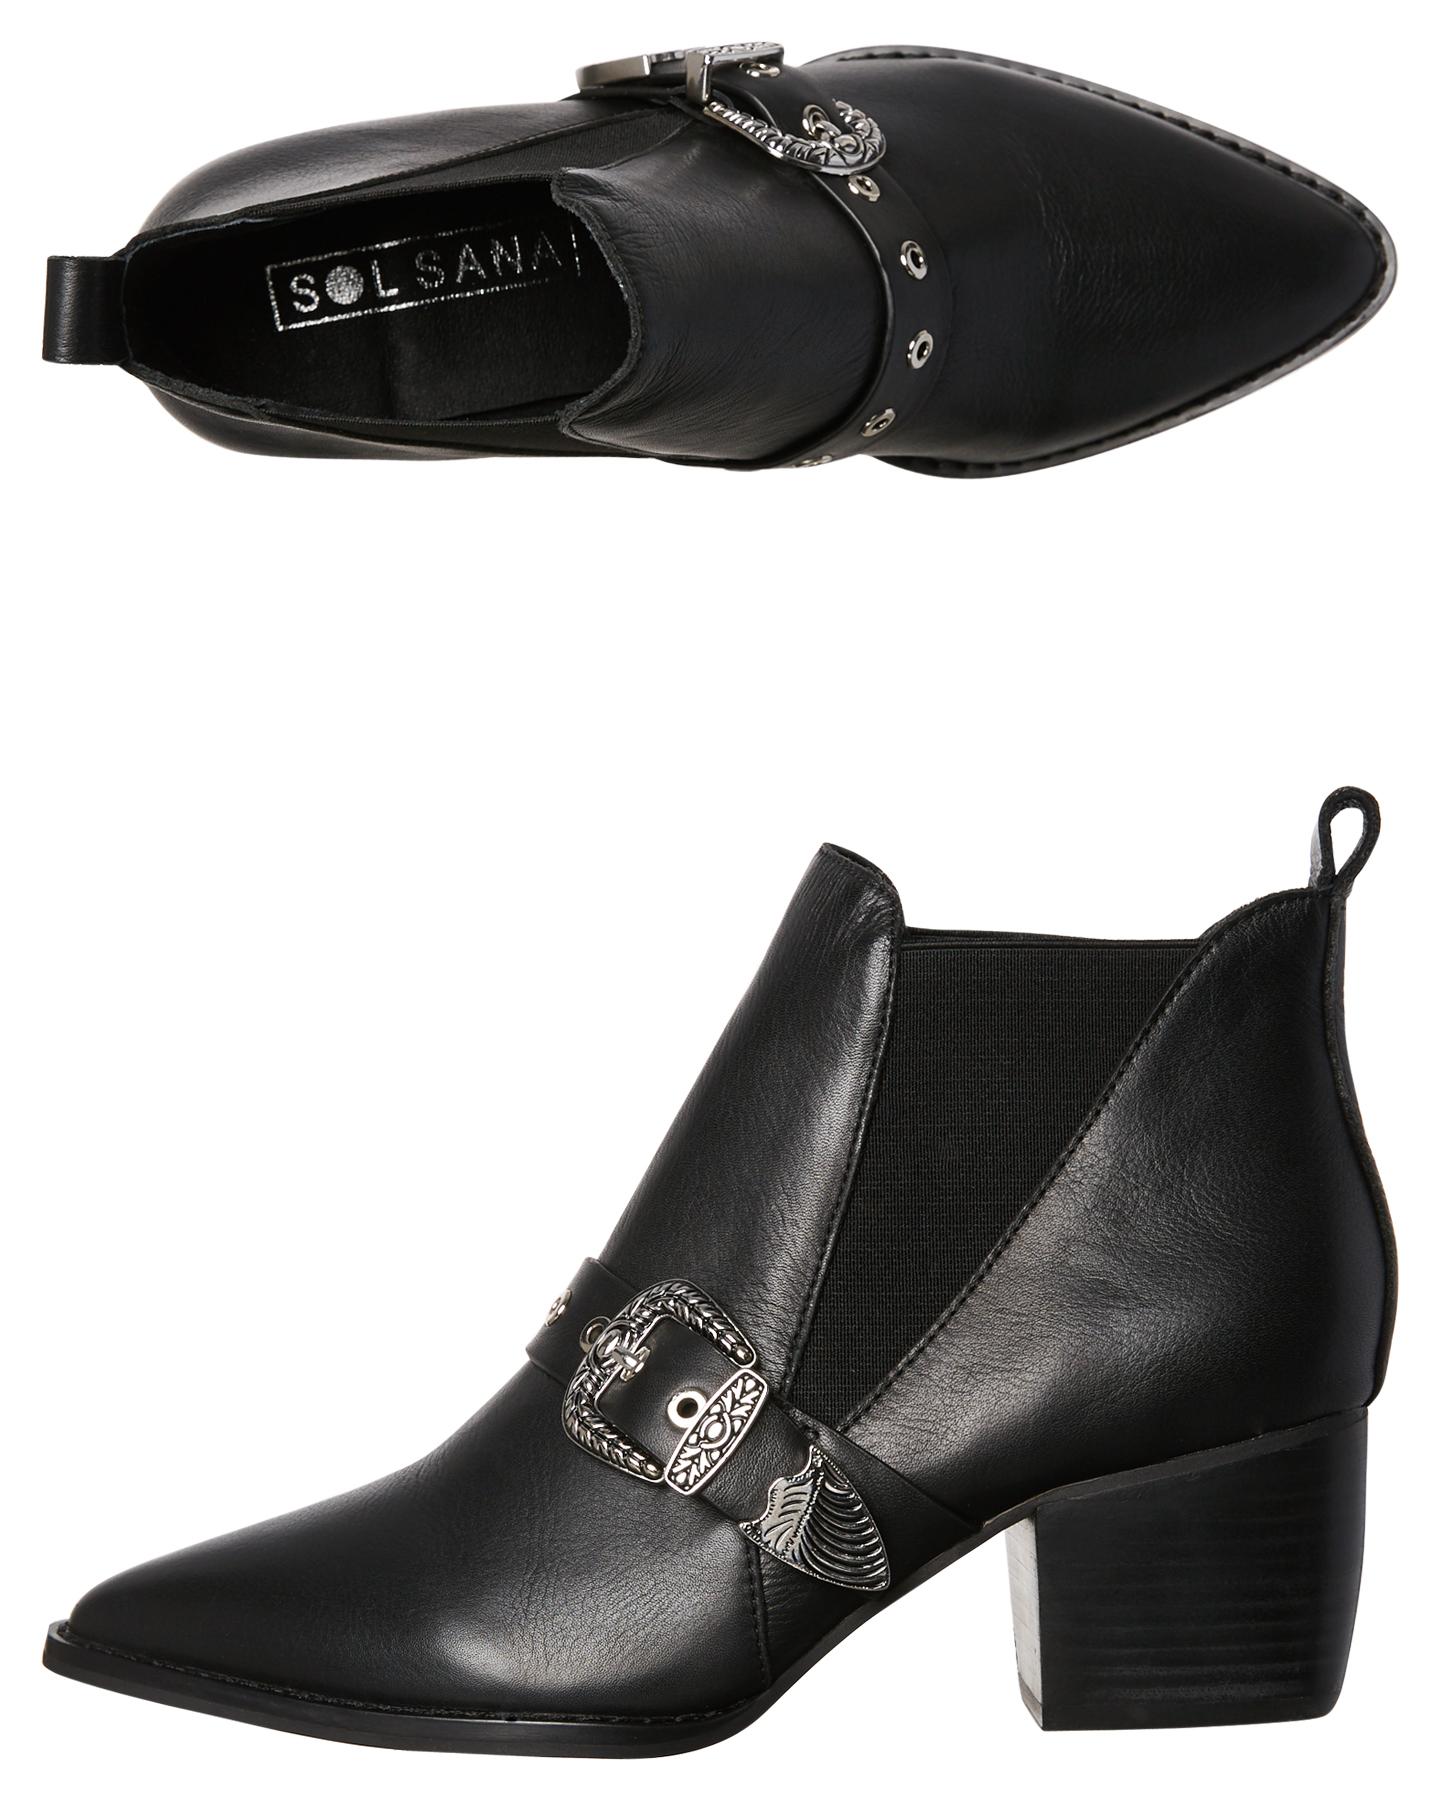 dcacfa20ff054d BLACK WOMENS FOOTWEAR SOL SANA BOOTS - SS181W409BLK ...